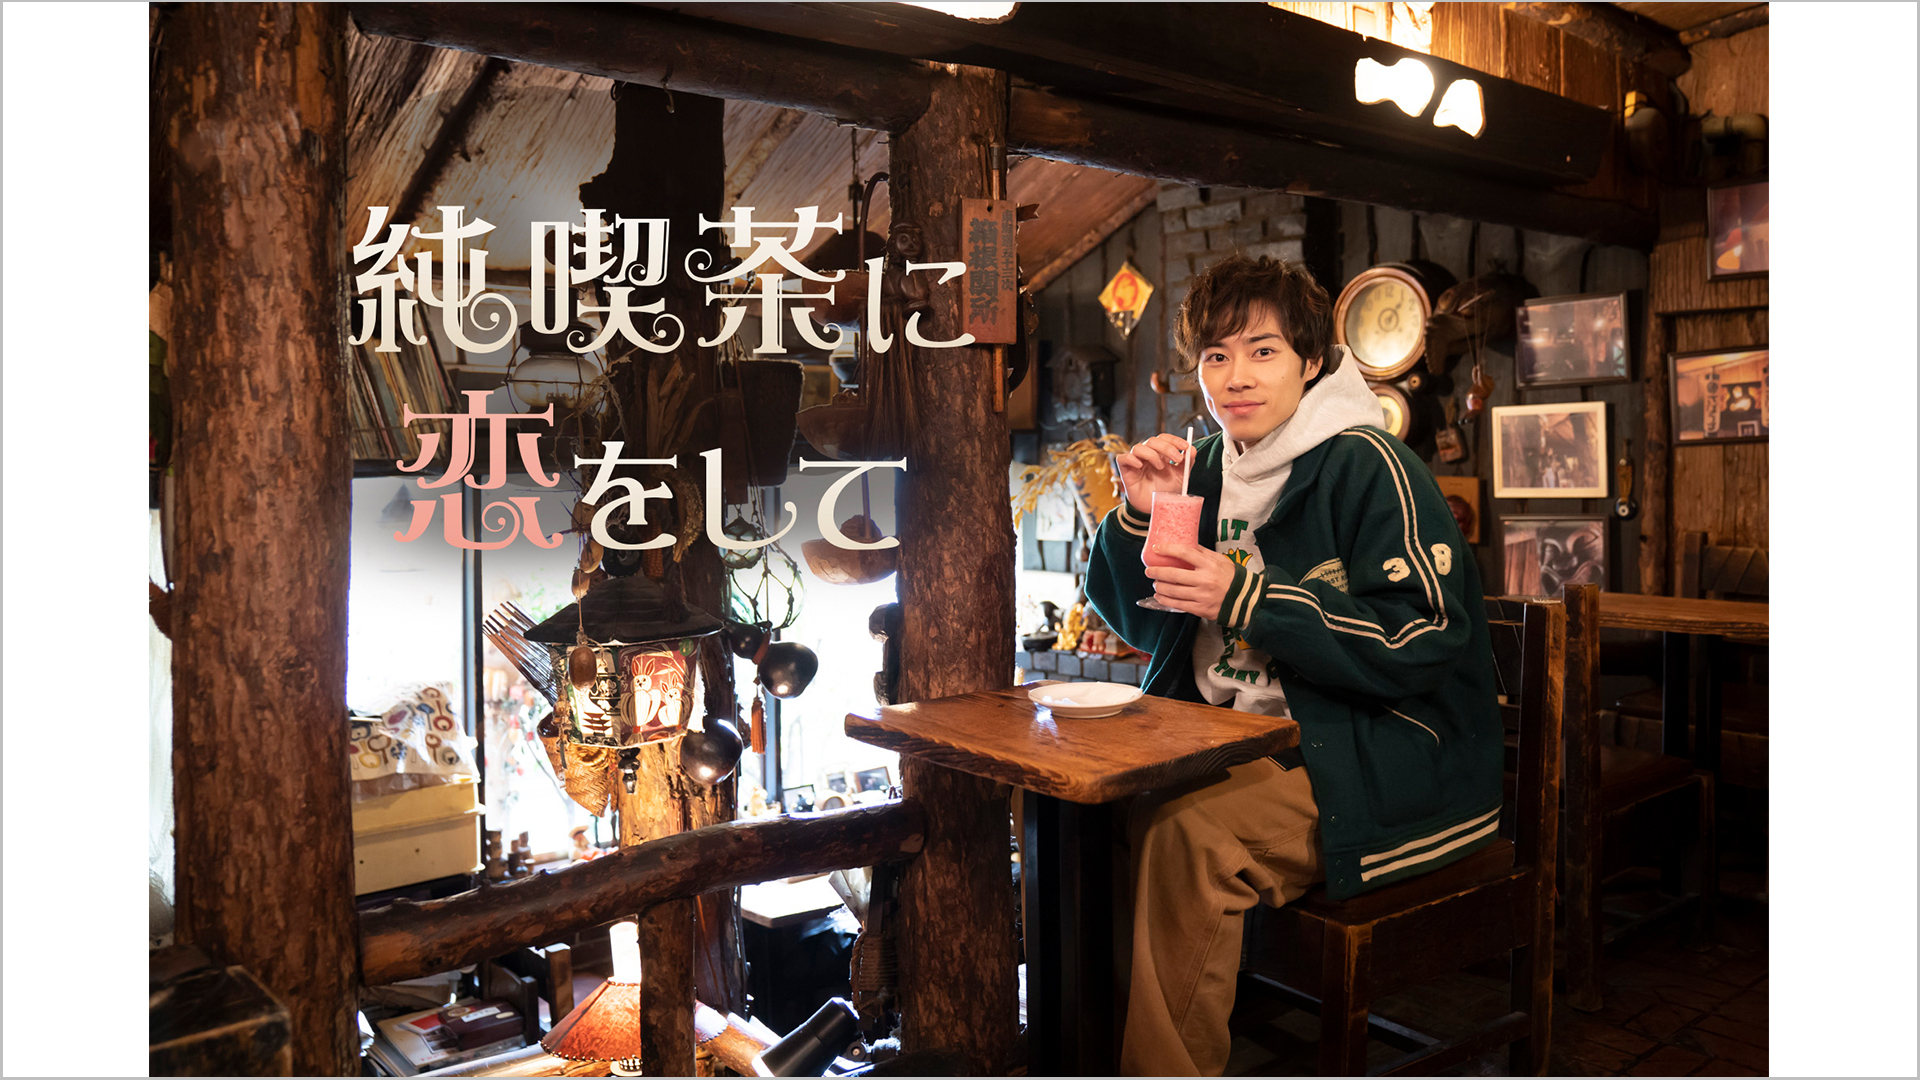 純喫茶に恋をして #8 平井「ワンモア」